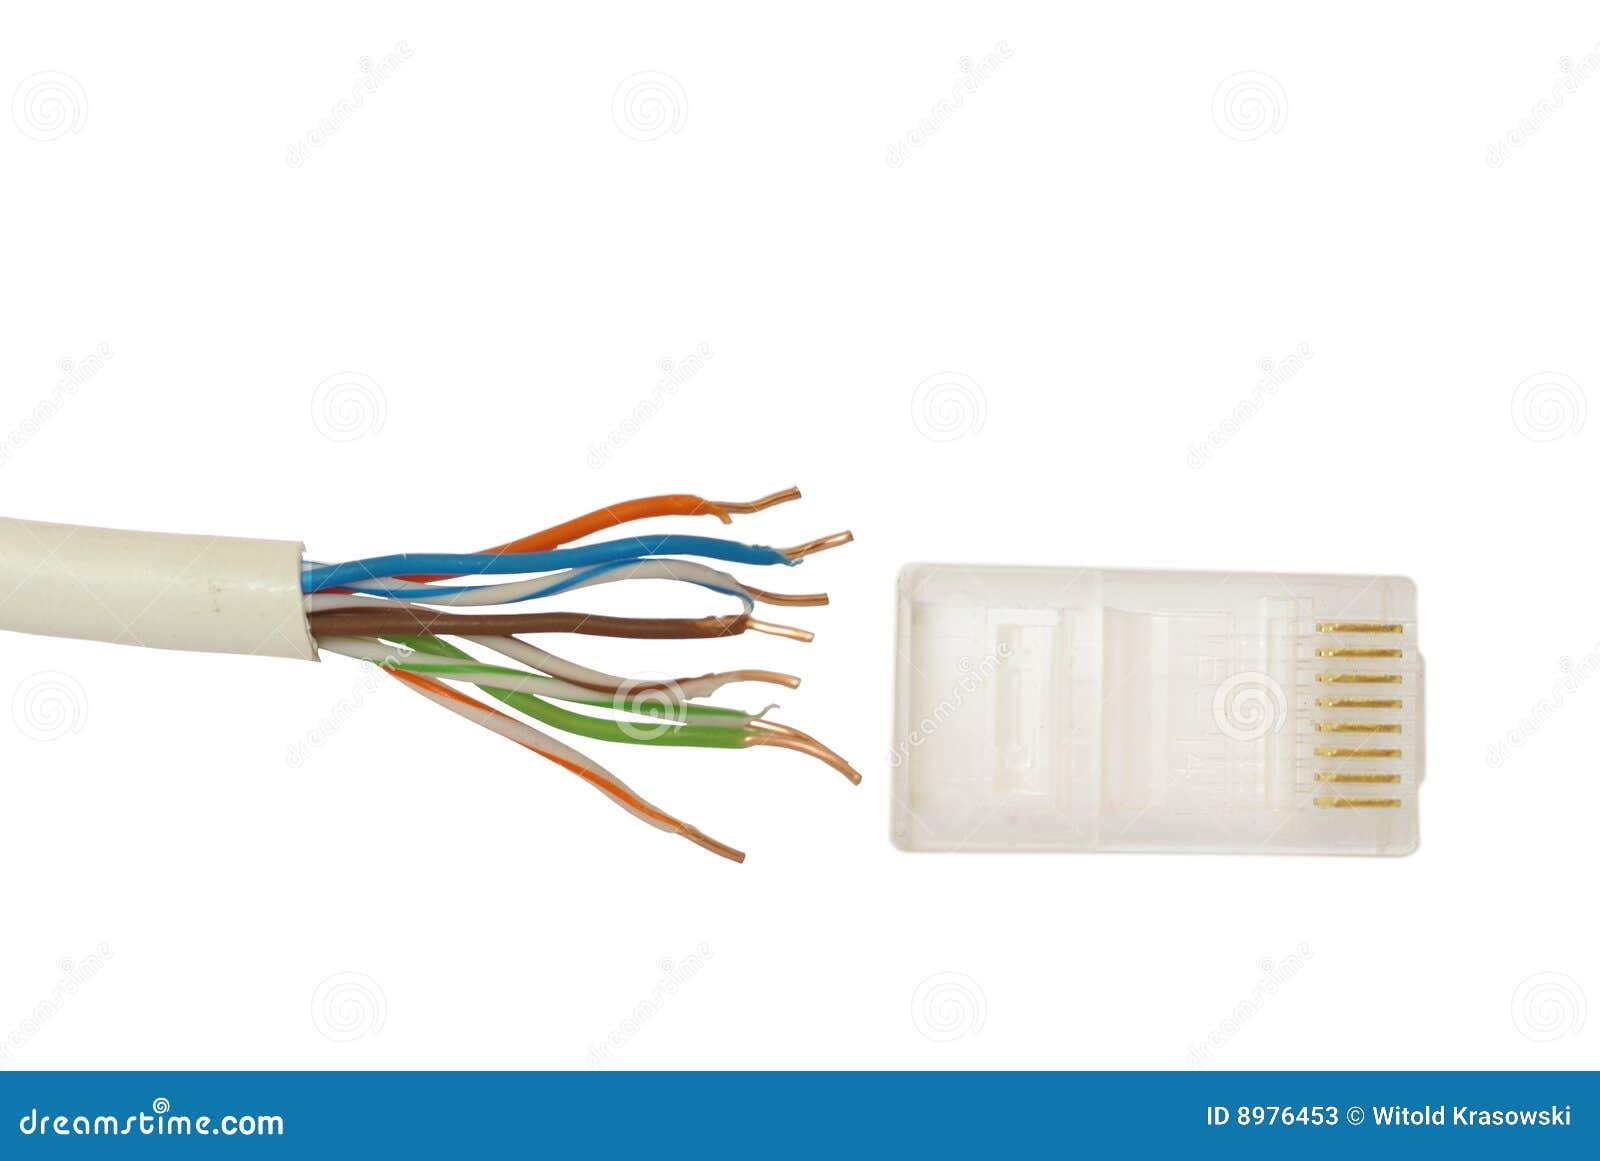 schakelaar en kabel internet stock afbeelding afbeelding 8976453. Black Bedroom Furniture Sets. Home Design Ideas